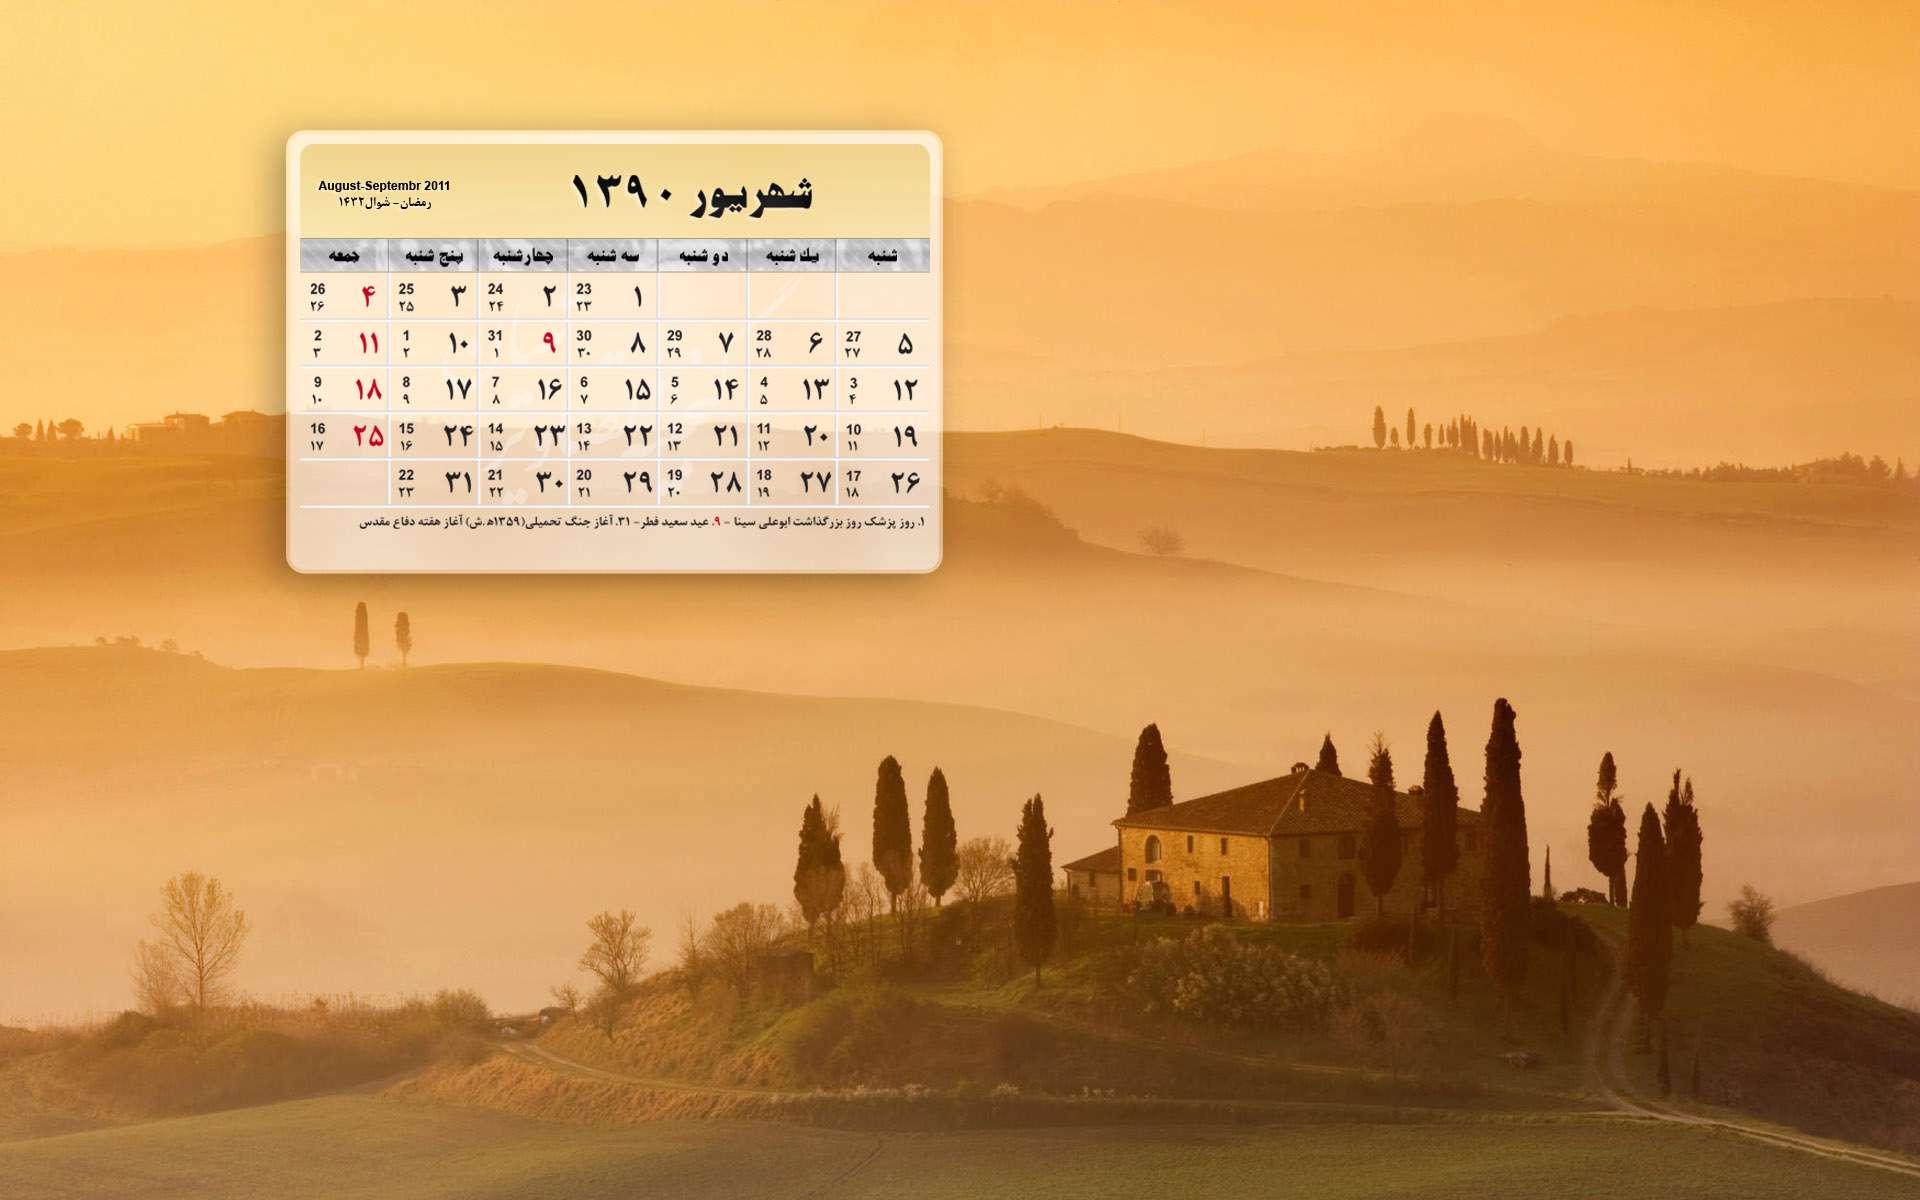 بیست والپیپر متفاوت و زیبا بهمراه تقویم شهریور ماه، سری دوم